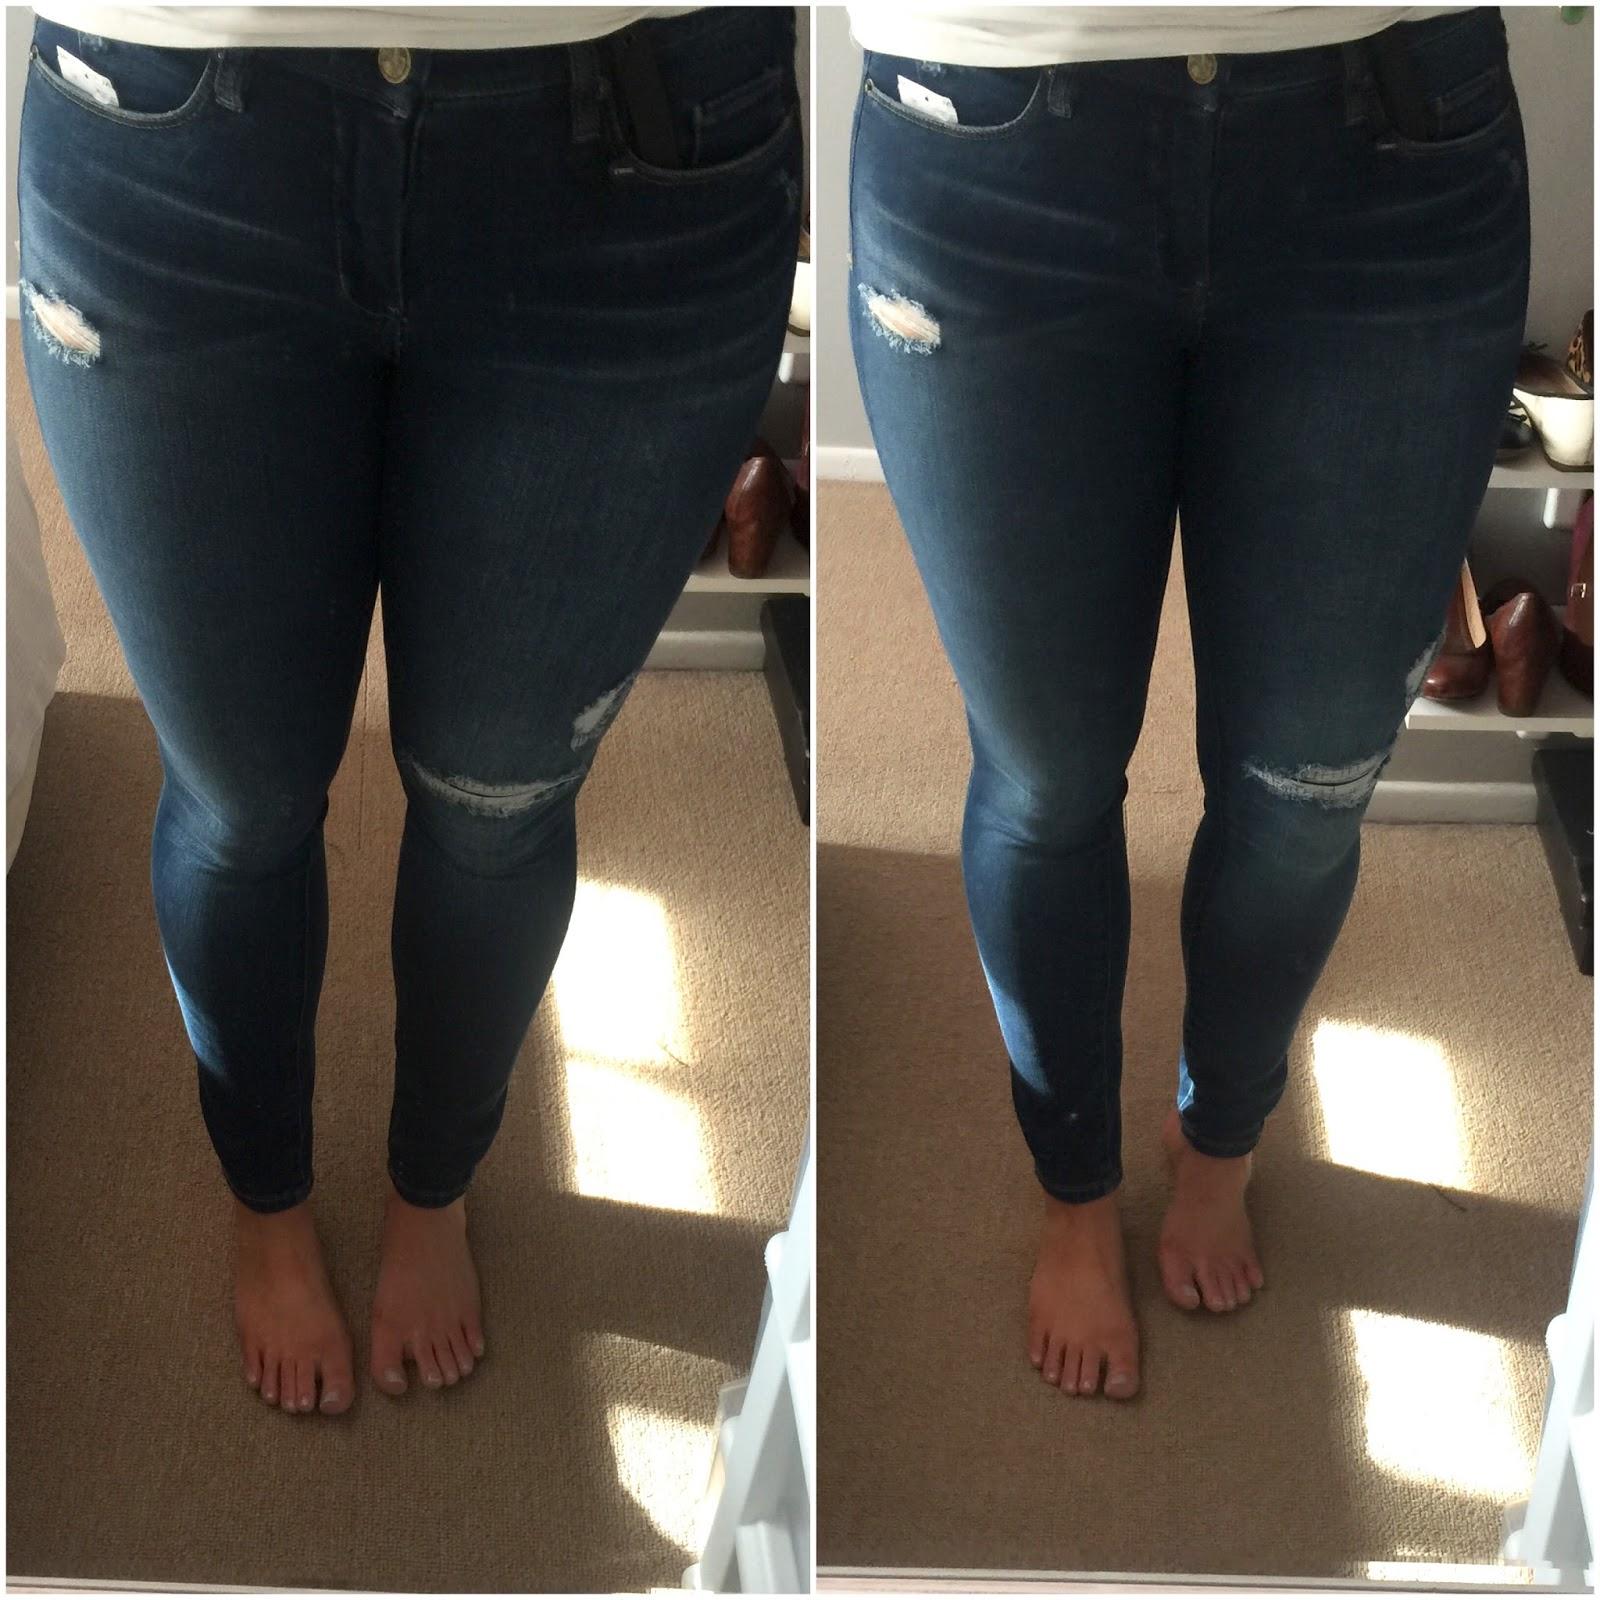 BLANKNYC 'Hotel' Distressed Skinny Jeans